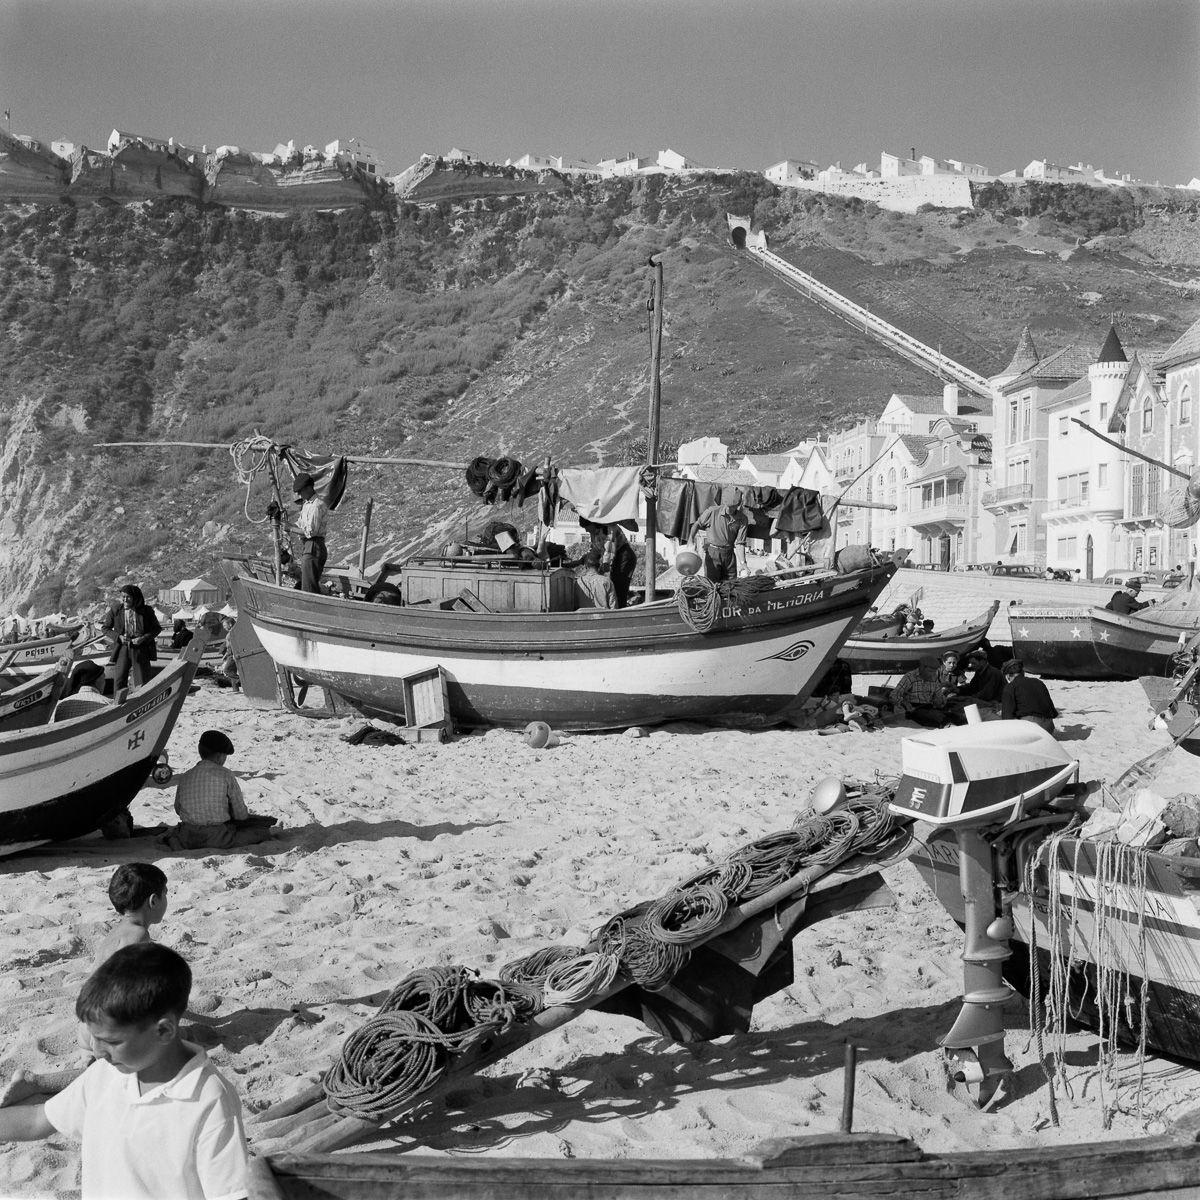 Fotografias deslumbrantes capturam a cultura da pesca dos anos 50 em Portugal 13